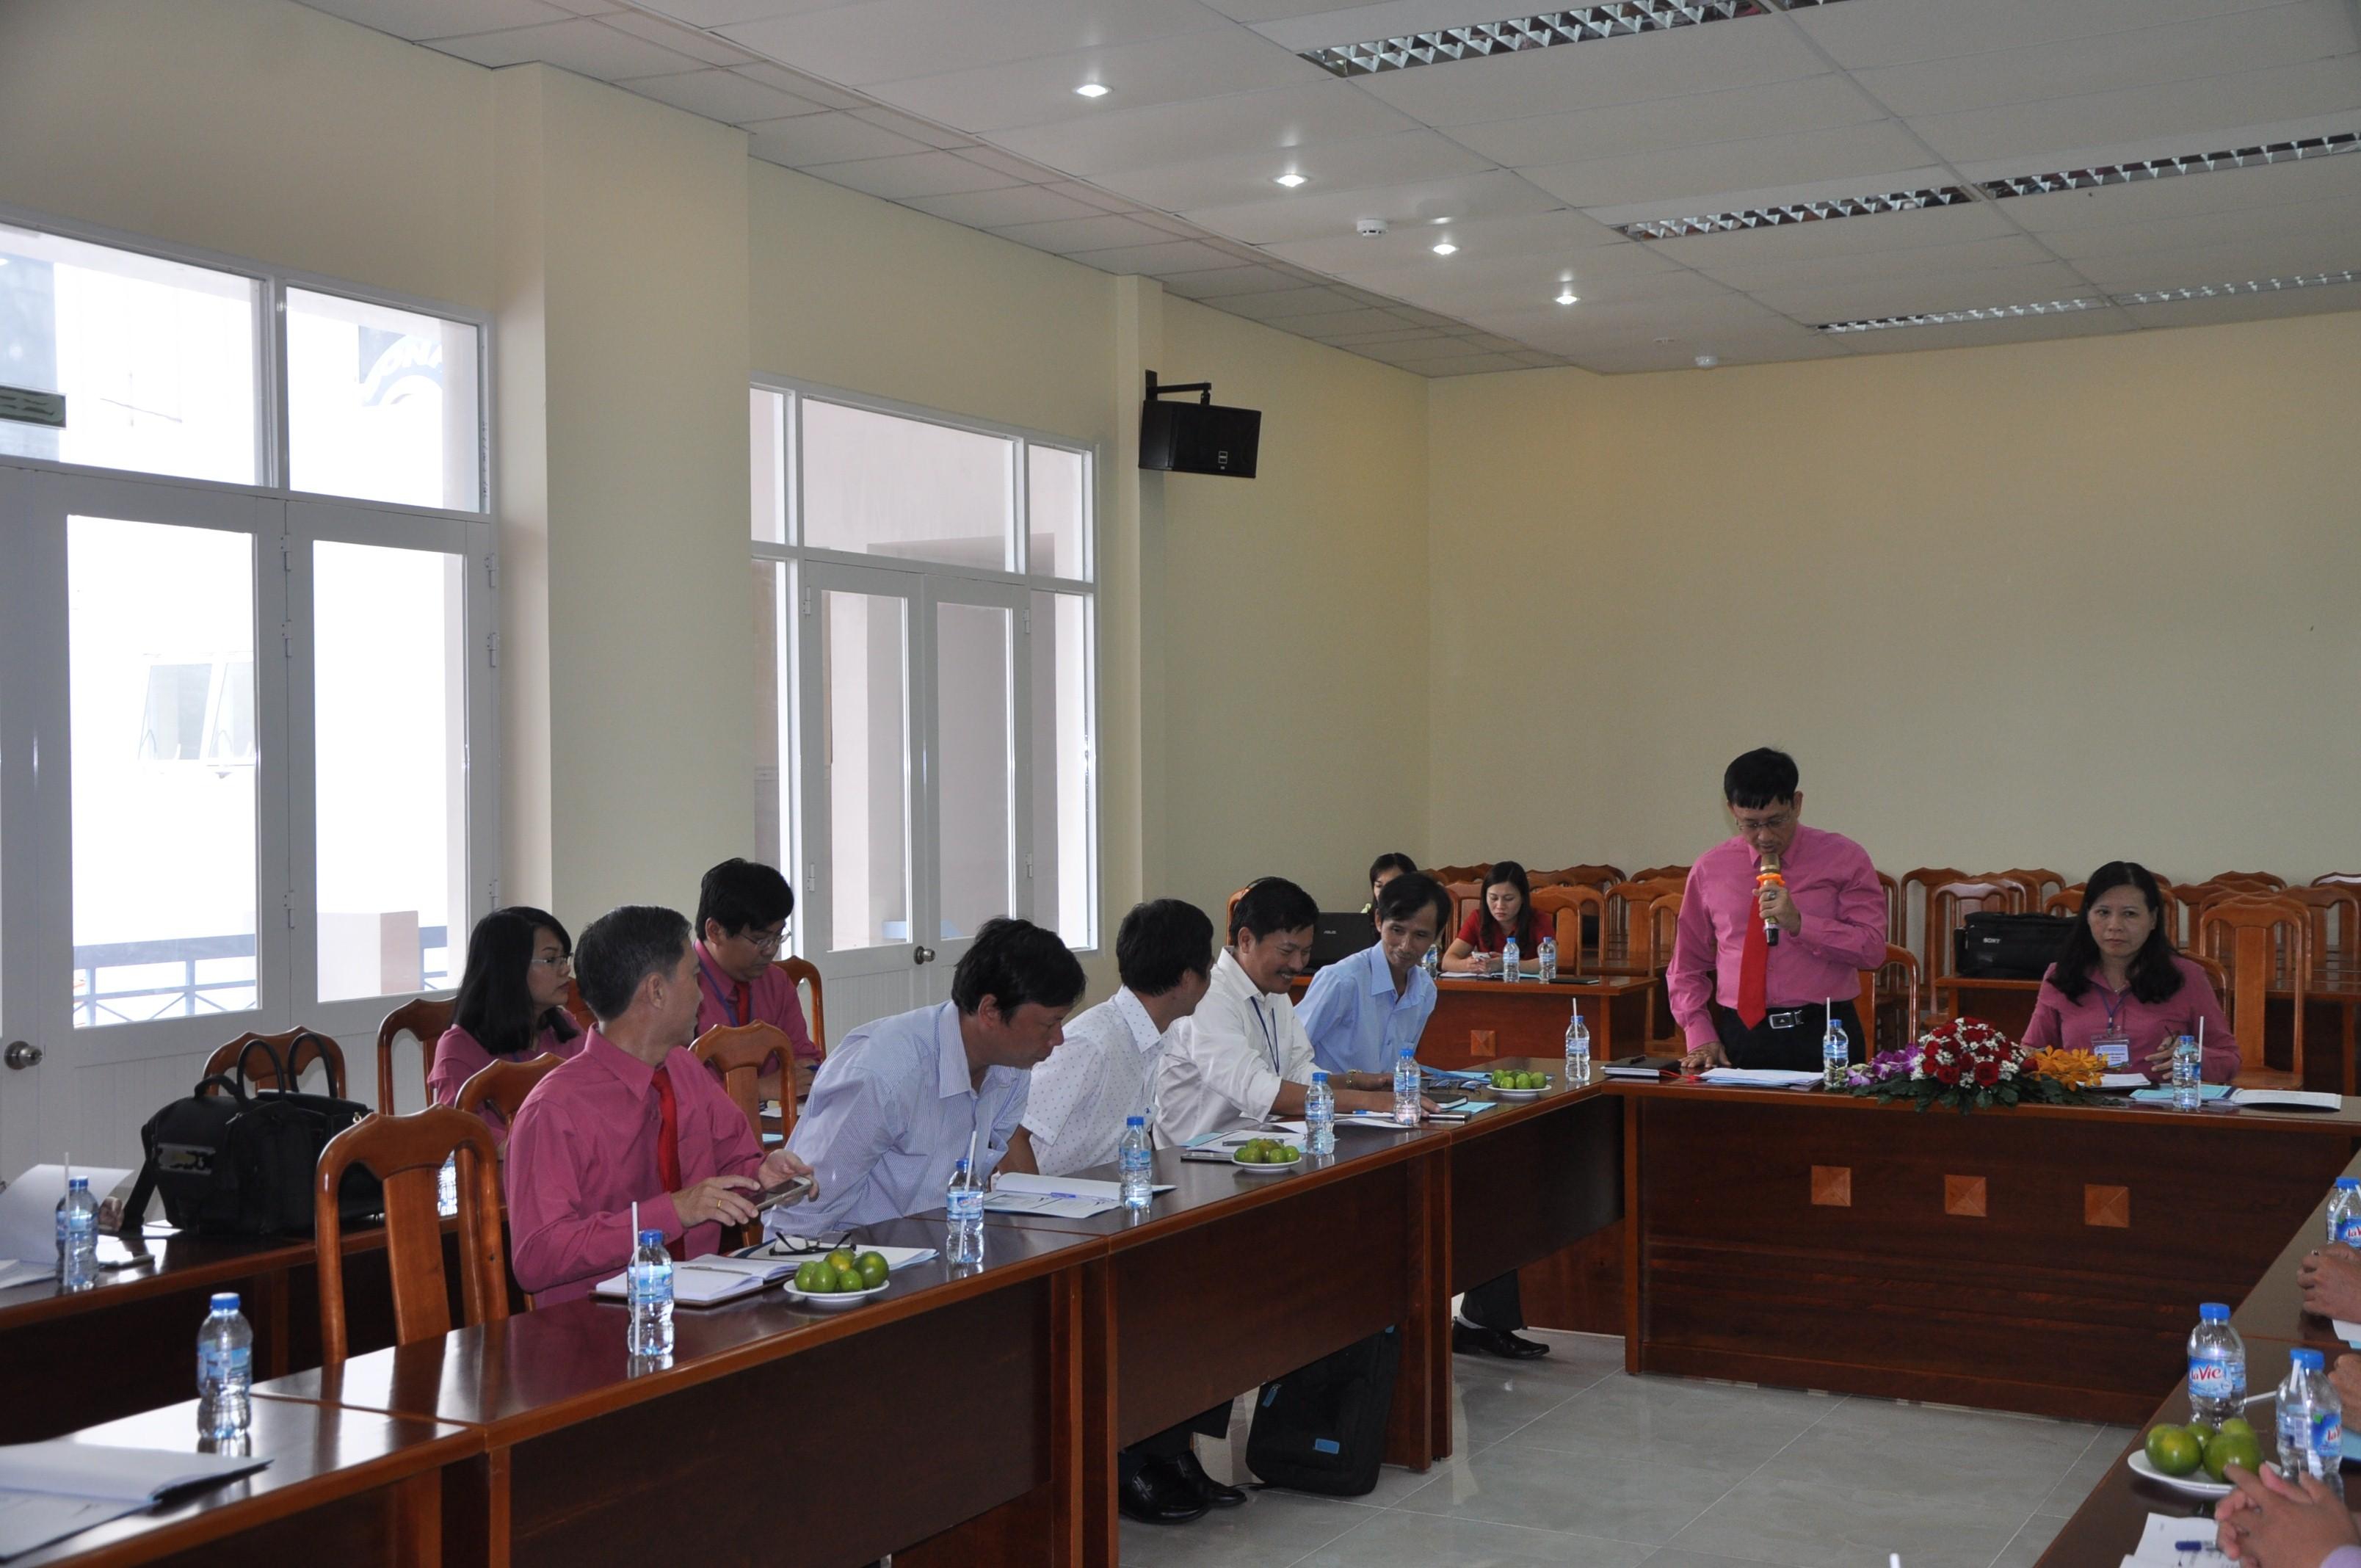 Quỹ Phát triển đất Bà Rịa – Vũng Tàu tổ chức hội thảo tạo Quỹ Đất thực hiện các dự án Đầu tư trên địa bàn tỉnh